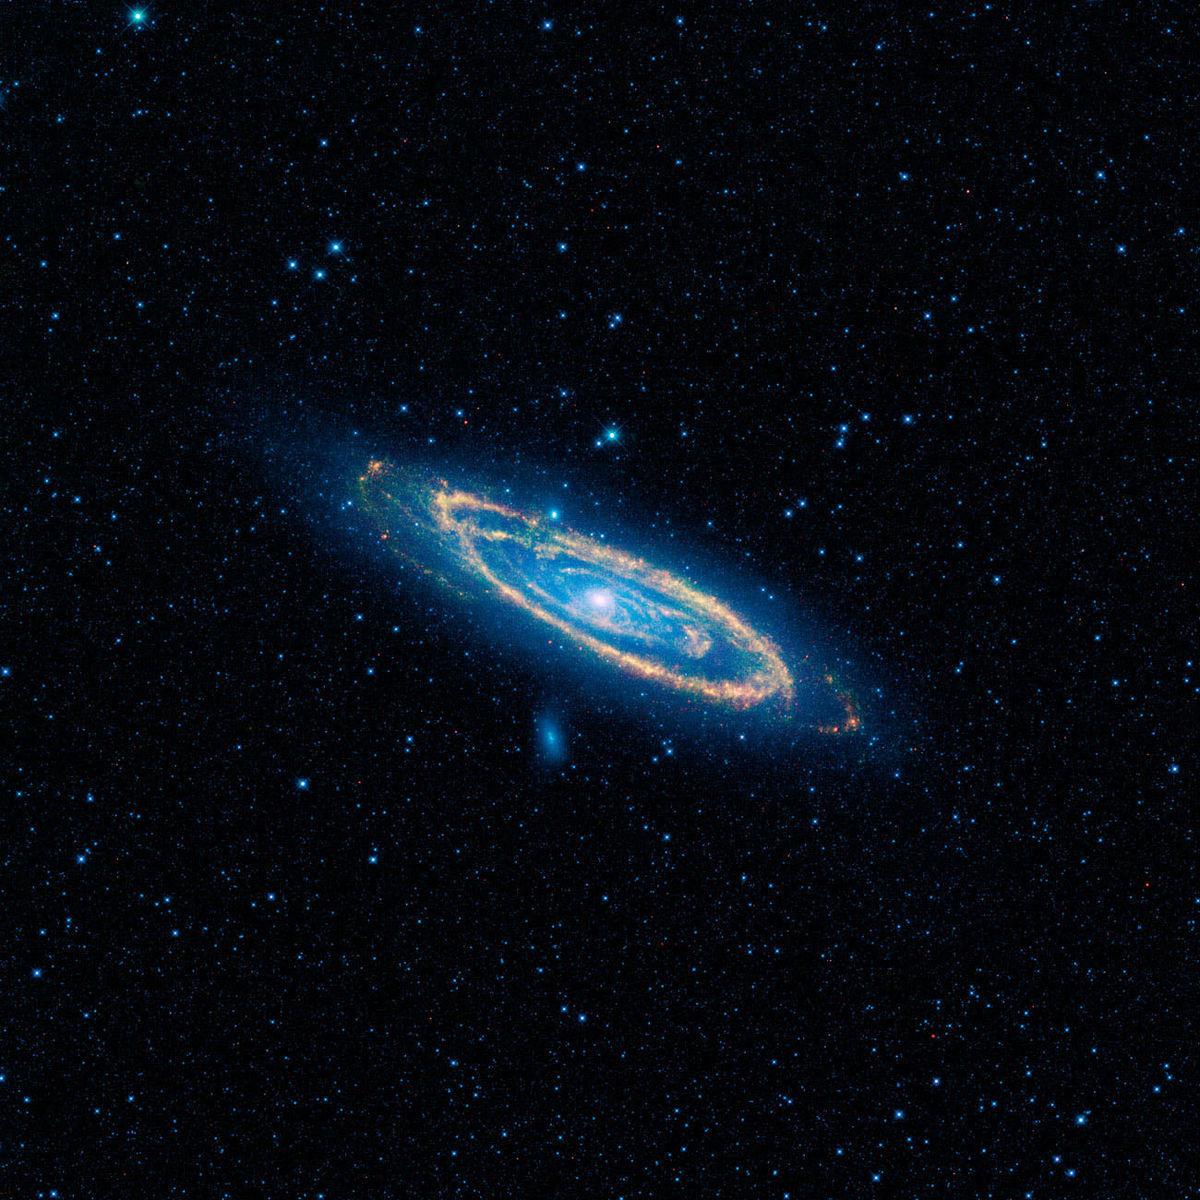 Snímka galaxie ako ju vidí vesmírny teleskop WISE. Oranžová farba sú emisie tepla z hviezd na ramenách galaxie. Žiadne z týchto tepelných emisií však nevyprodukovali vyspelé mimozemské civilizácie.